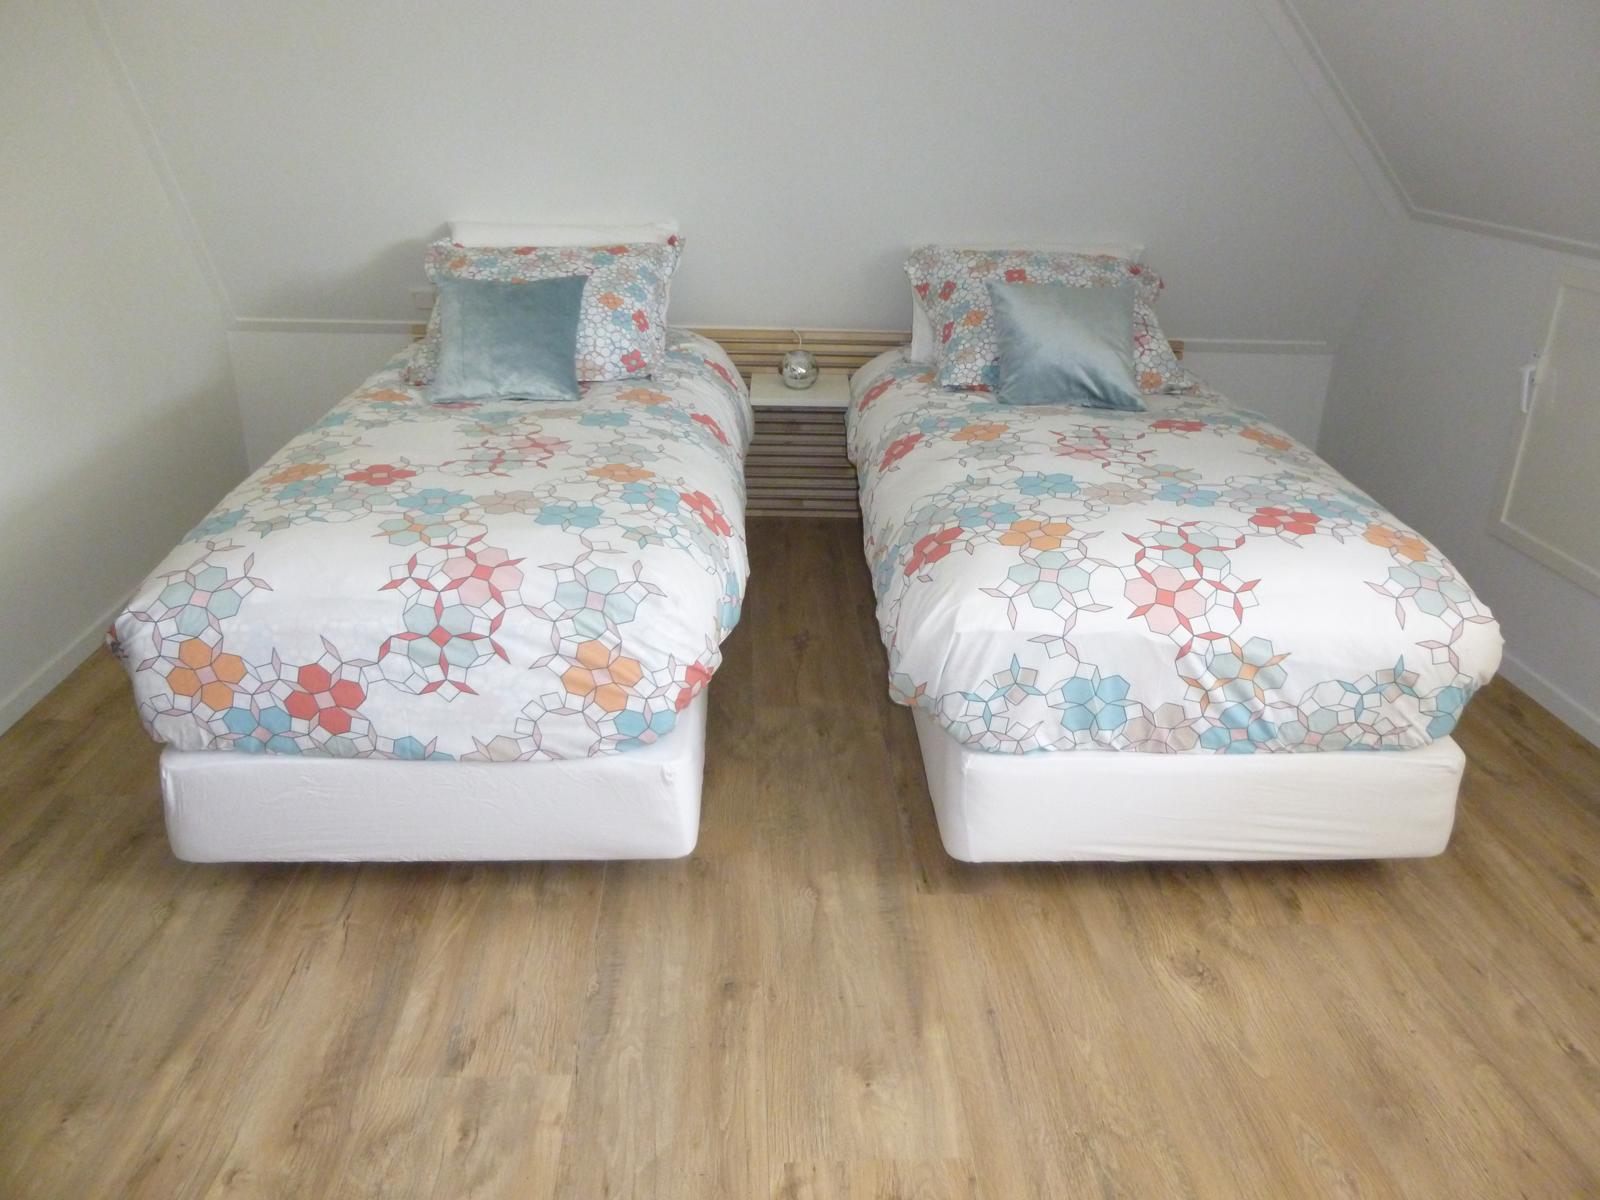 Kamer 2 bedden - Bed and breakfast Zwolle De Langenlee